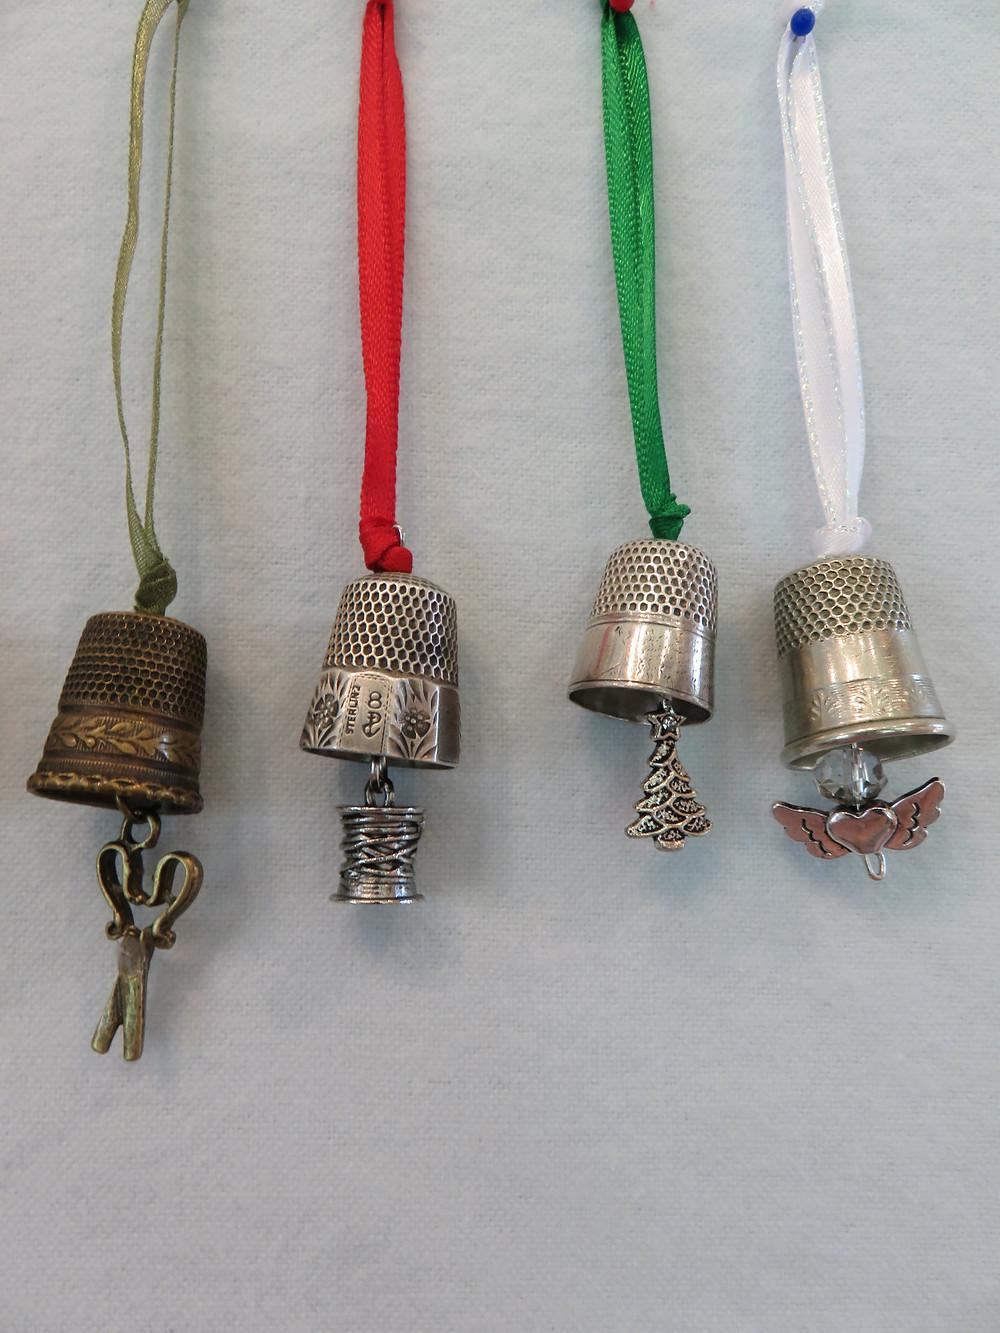 Thimble Ornaments